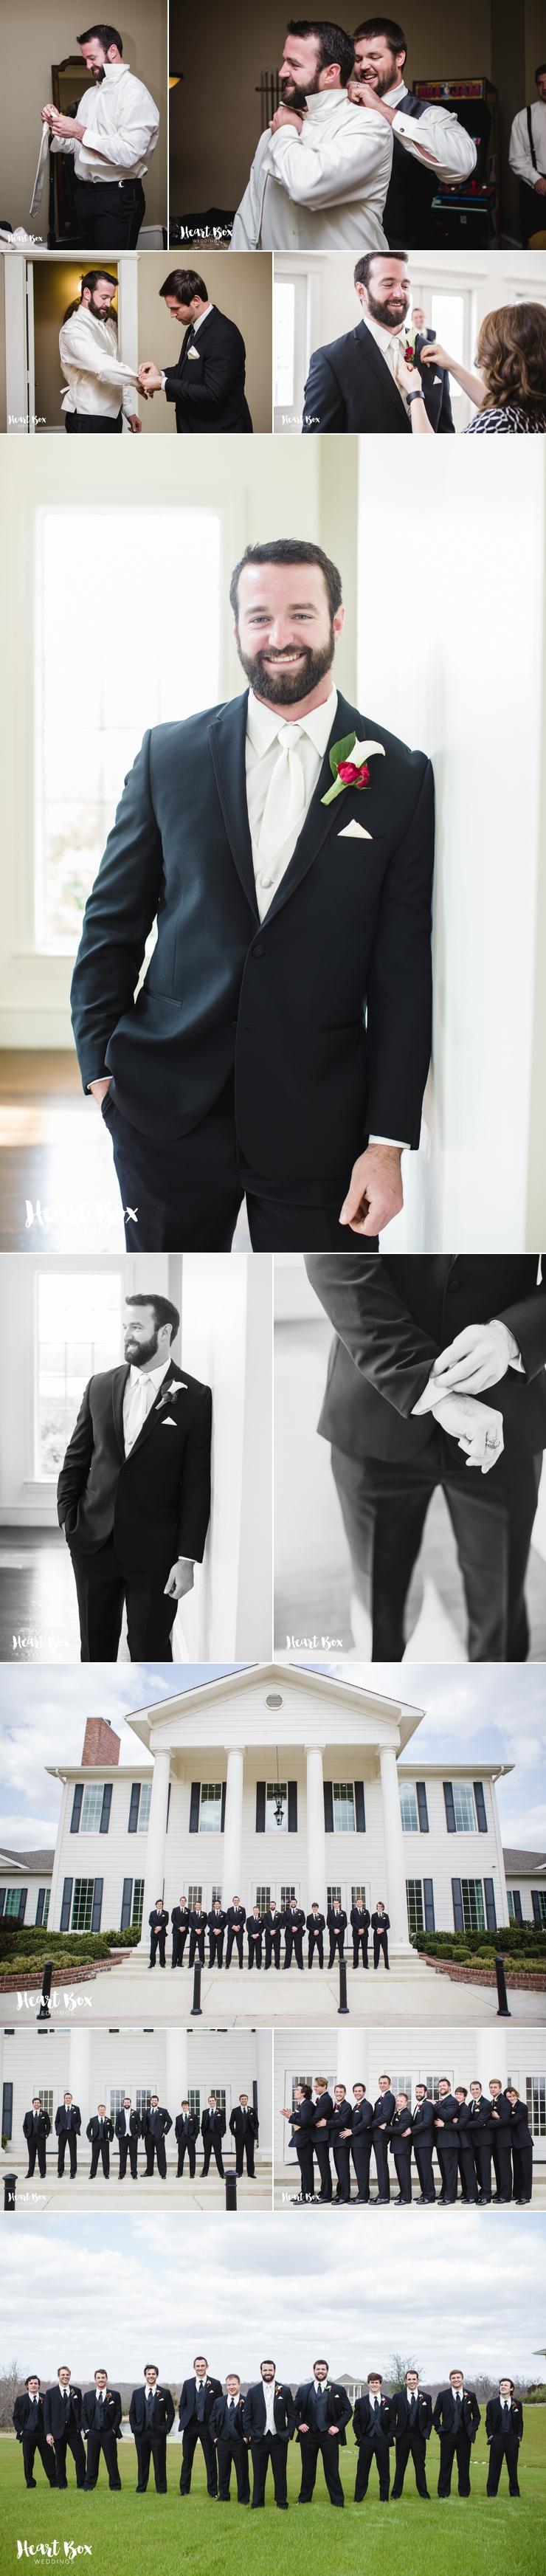 Vanderpool Wedding - Blog Collages 3.jpg